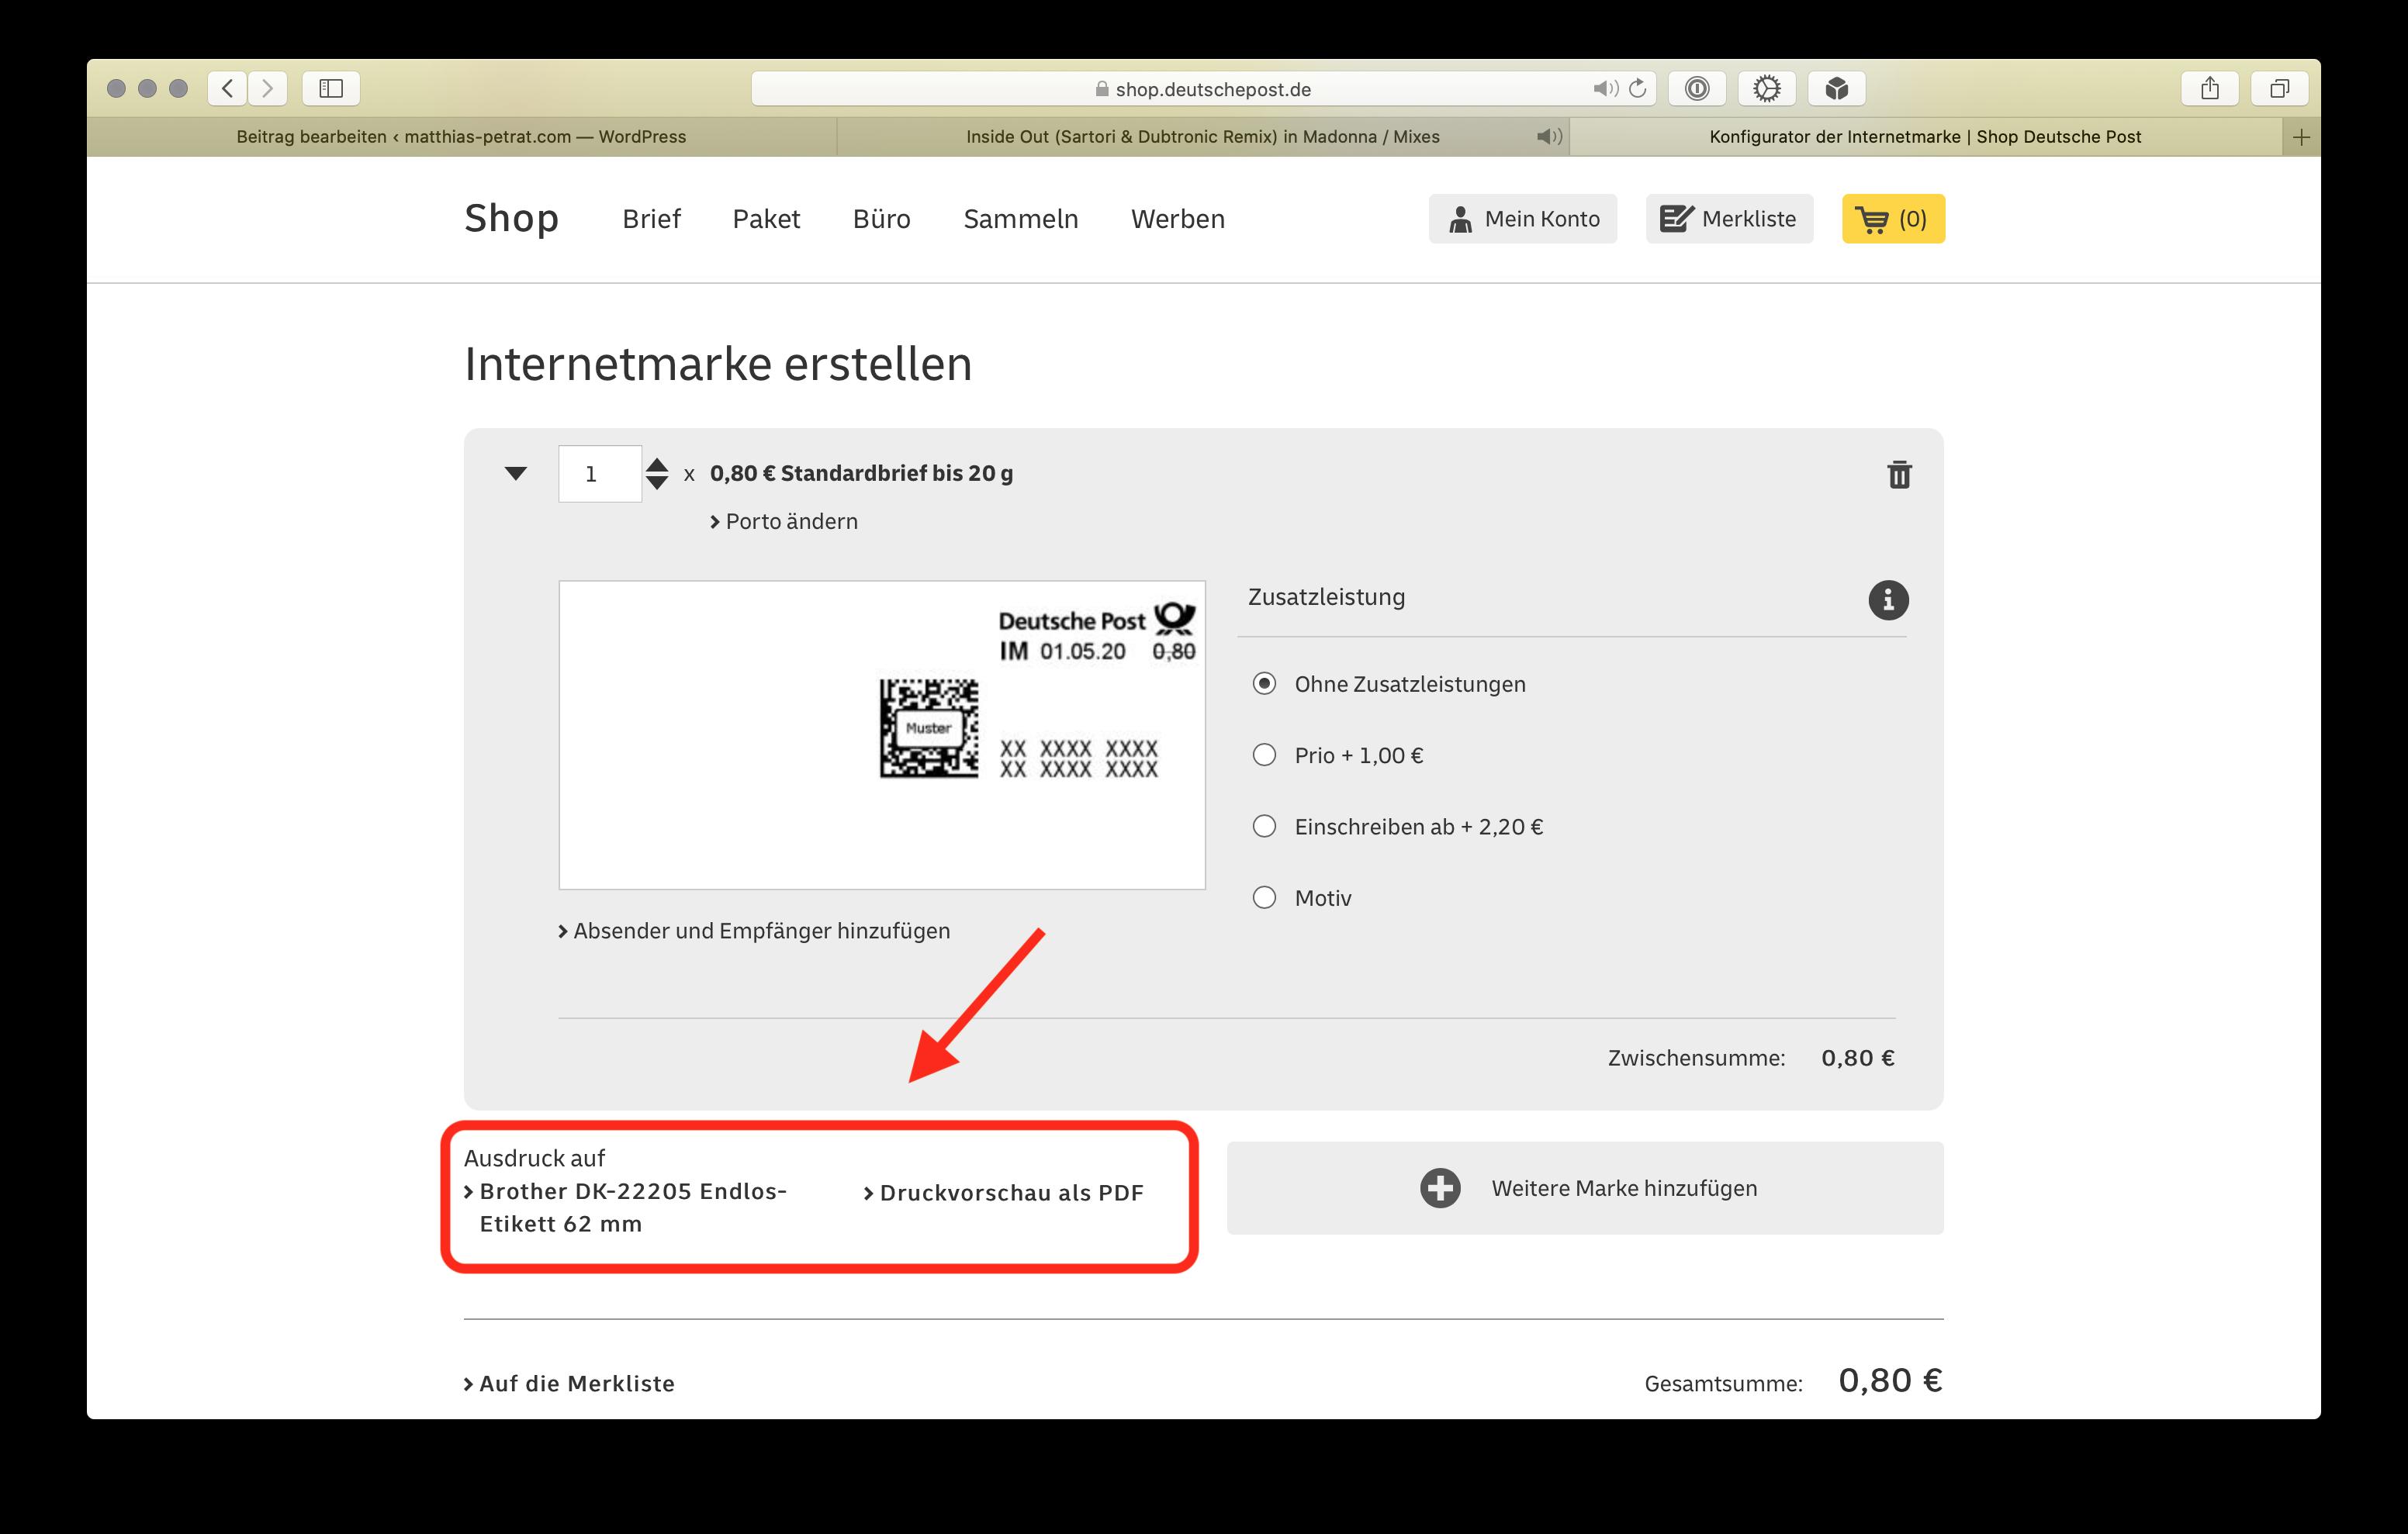 Anleitung-Briefmarken-Paketlabel-Adresslabel-und-Co.-zu-Hause-drucken1 Brother QL810W Labeldrucker - Briefmarken, Paketlabel, Adresslabel und Co. zu Hause drucken